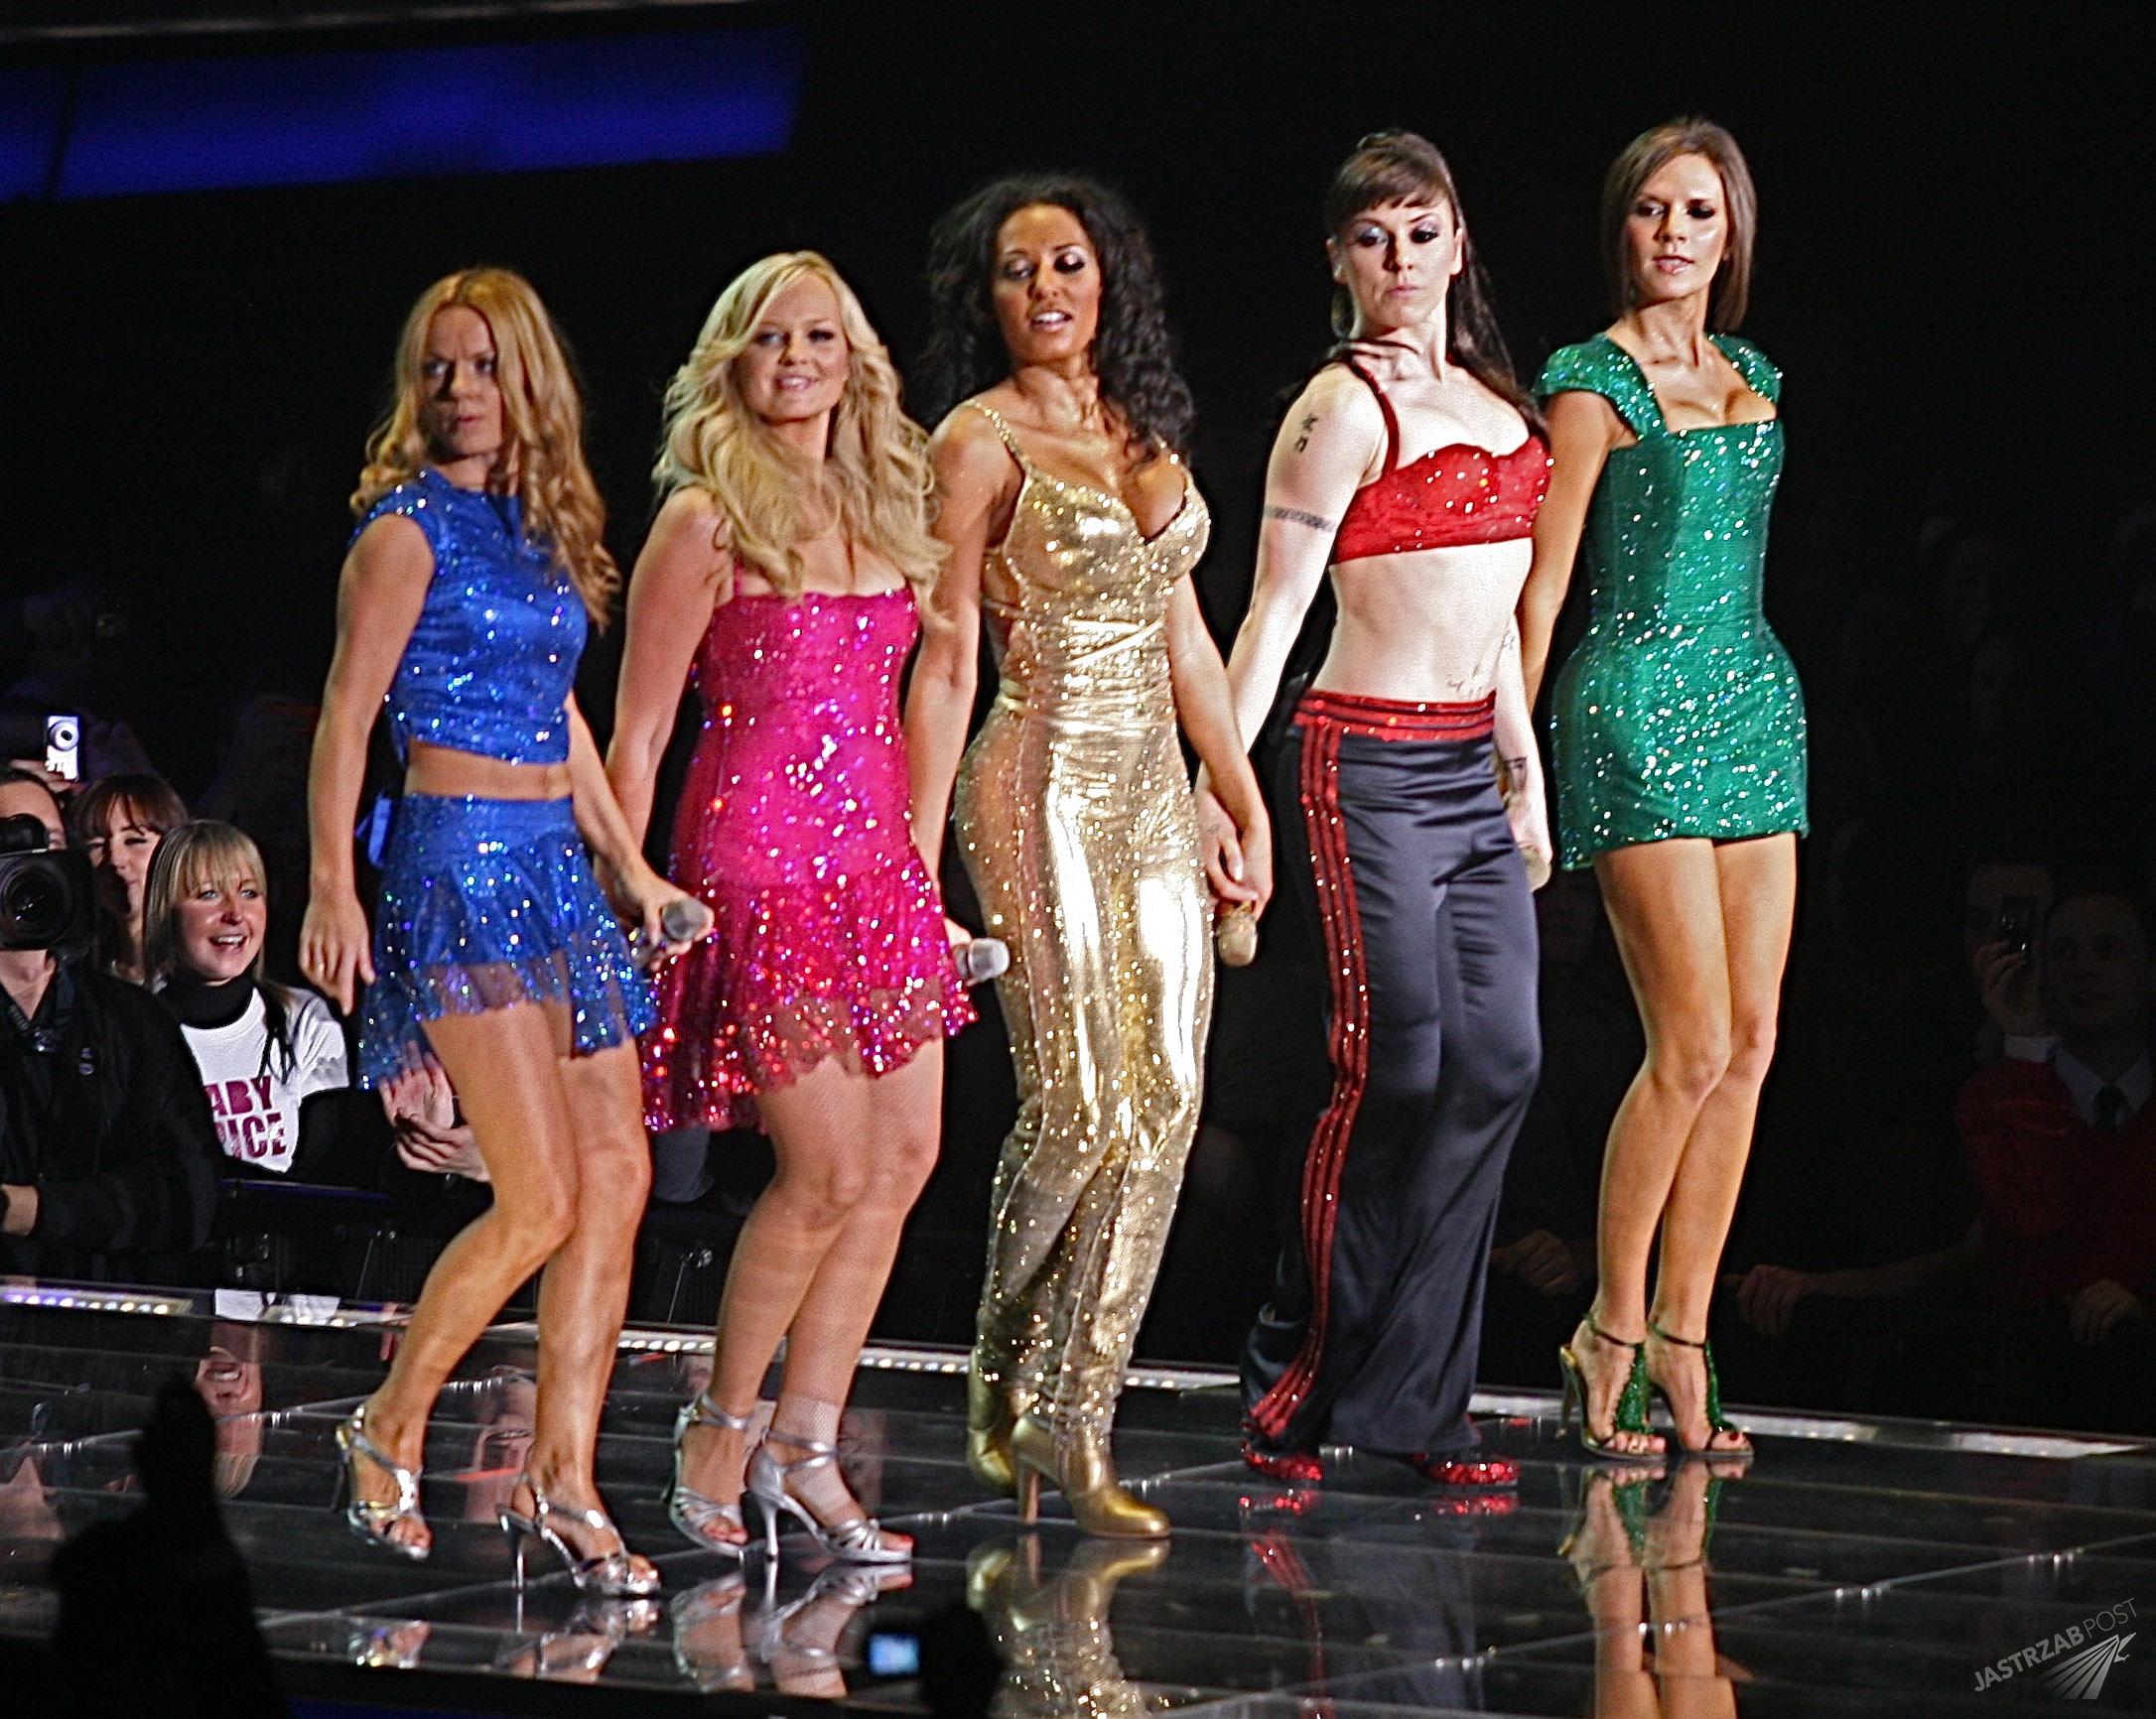 Spice Girls ostatni raz wystąpiło razem w 2012 roku na Olimpiadzie w Londynie